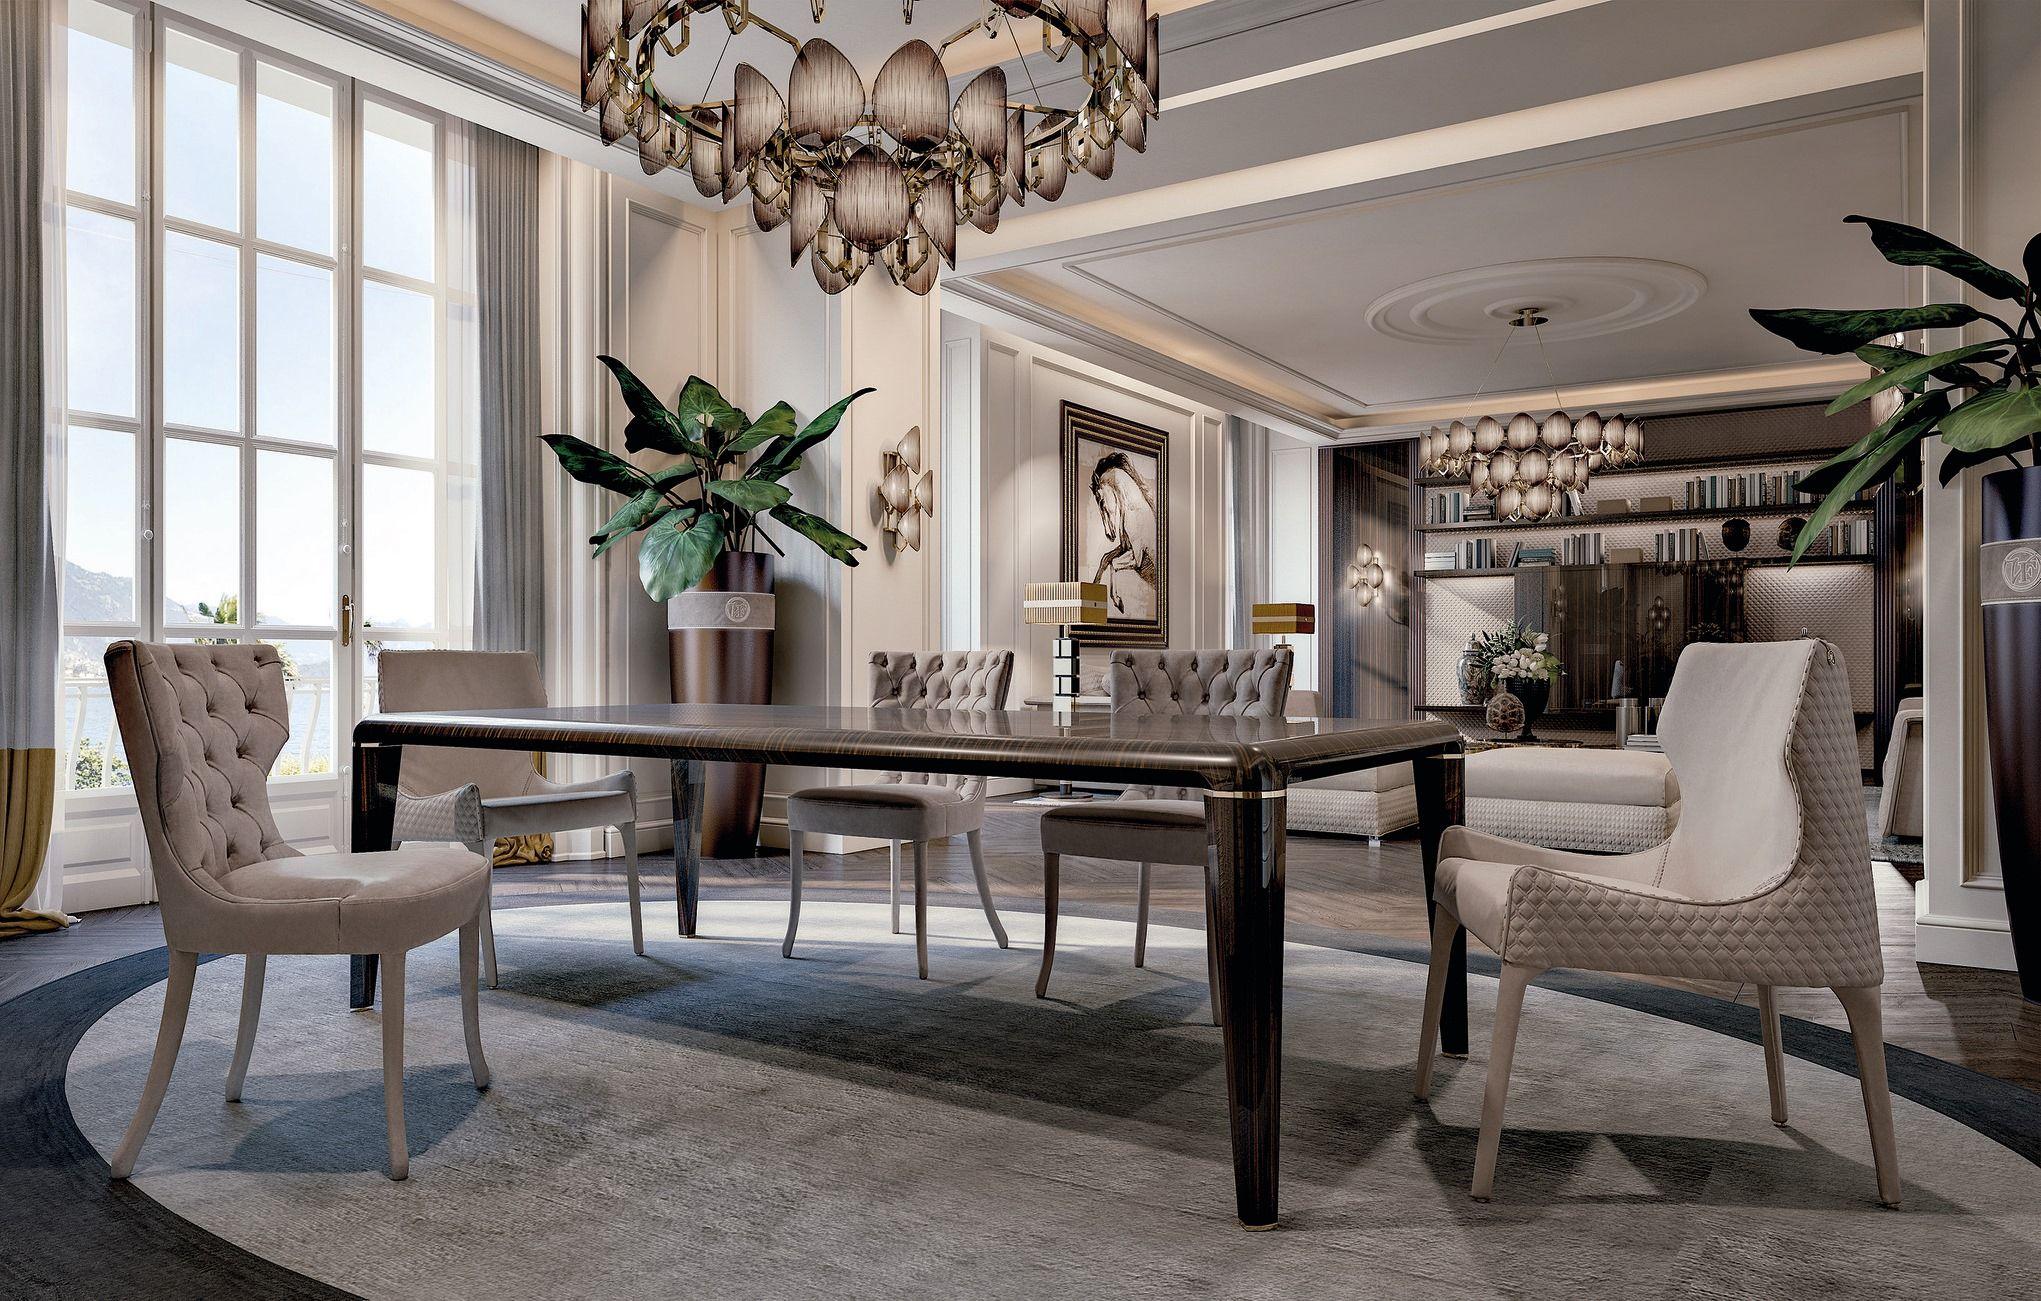 Vittoria Frigerio Iconic Interior Vittoriafrigerio T Contemporary Designers Furniture Da Vinci Lifestyle Contemporary Furniture Design Furniture Design Luxury Interior Design